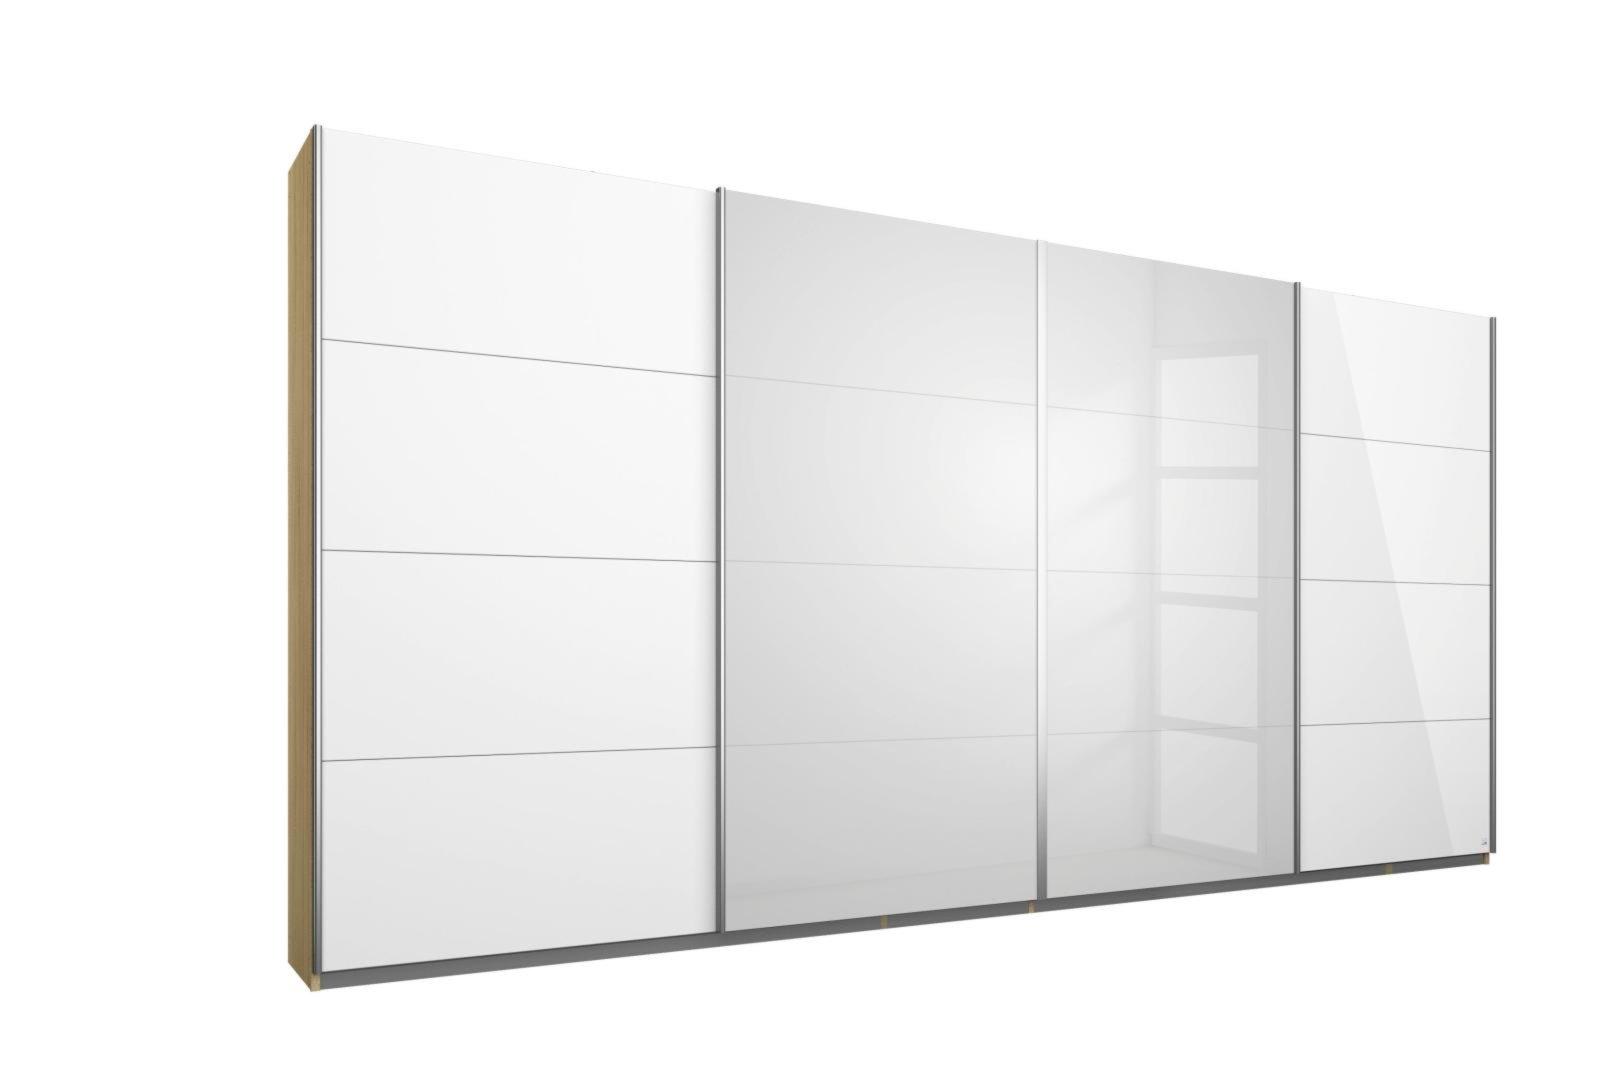 schwebet renschrank syncrono sonoma eiche wei hochglanz 361 cm schwebet renschr nke. Black Bedroom Furniture Sets. Home Design Ideas